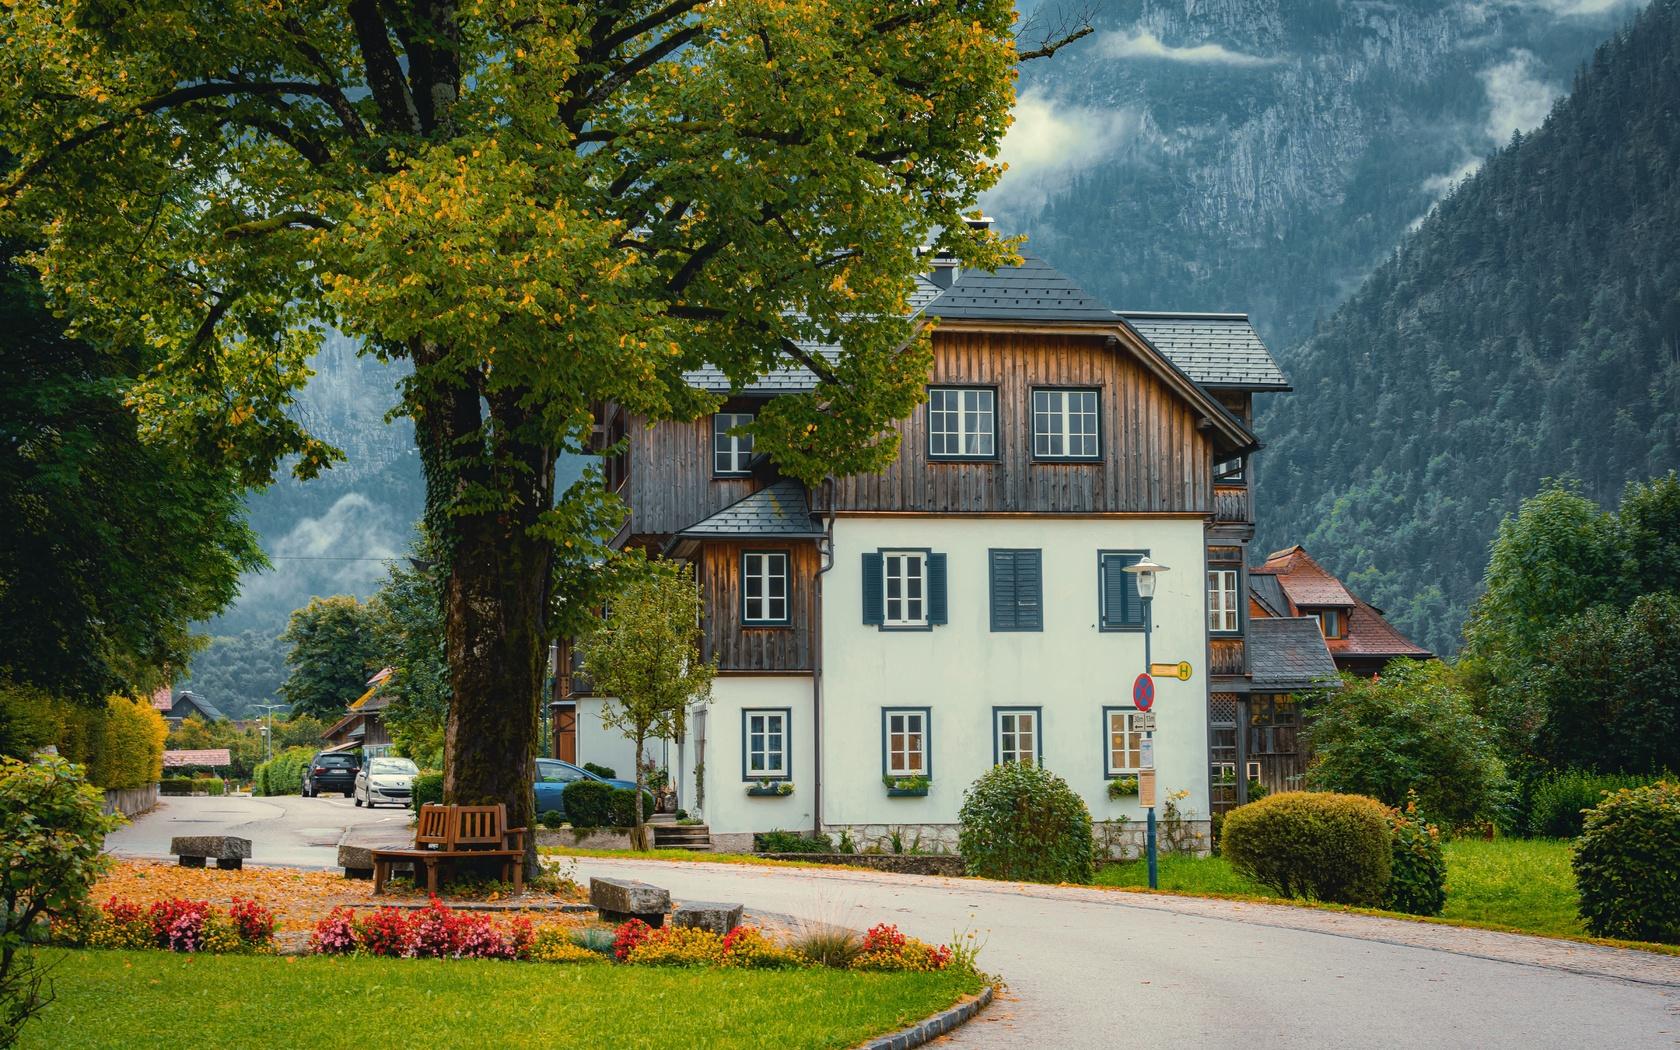 деревня, улица, дома, пейзаж